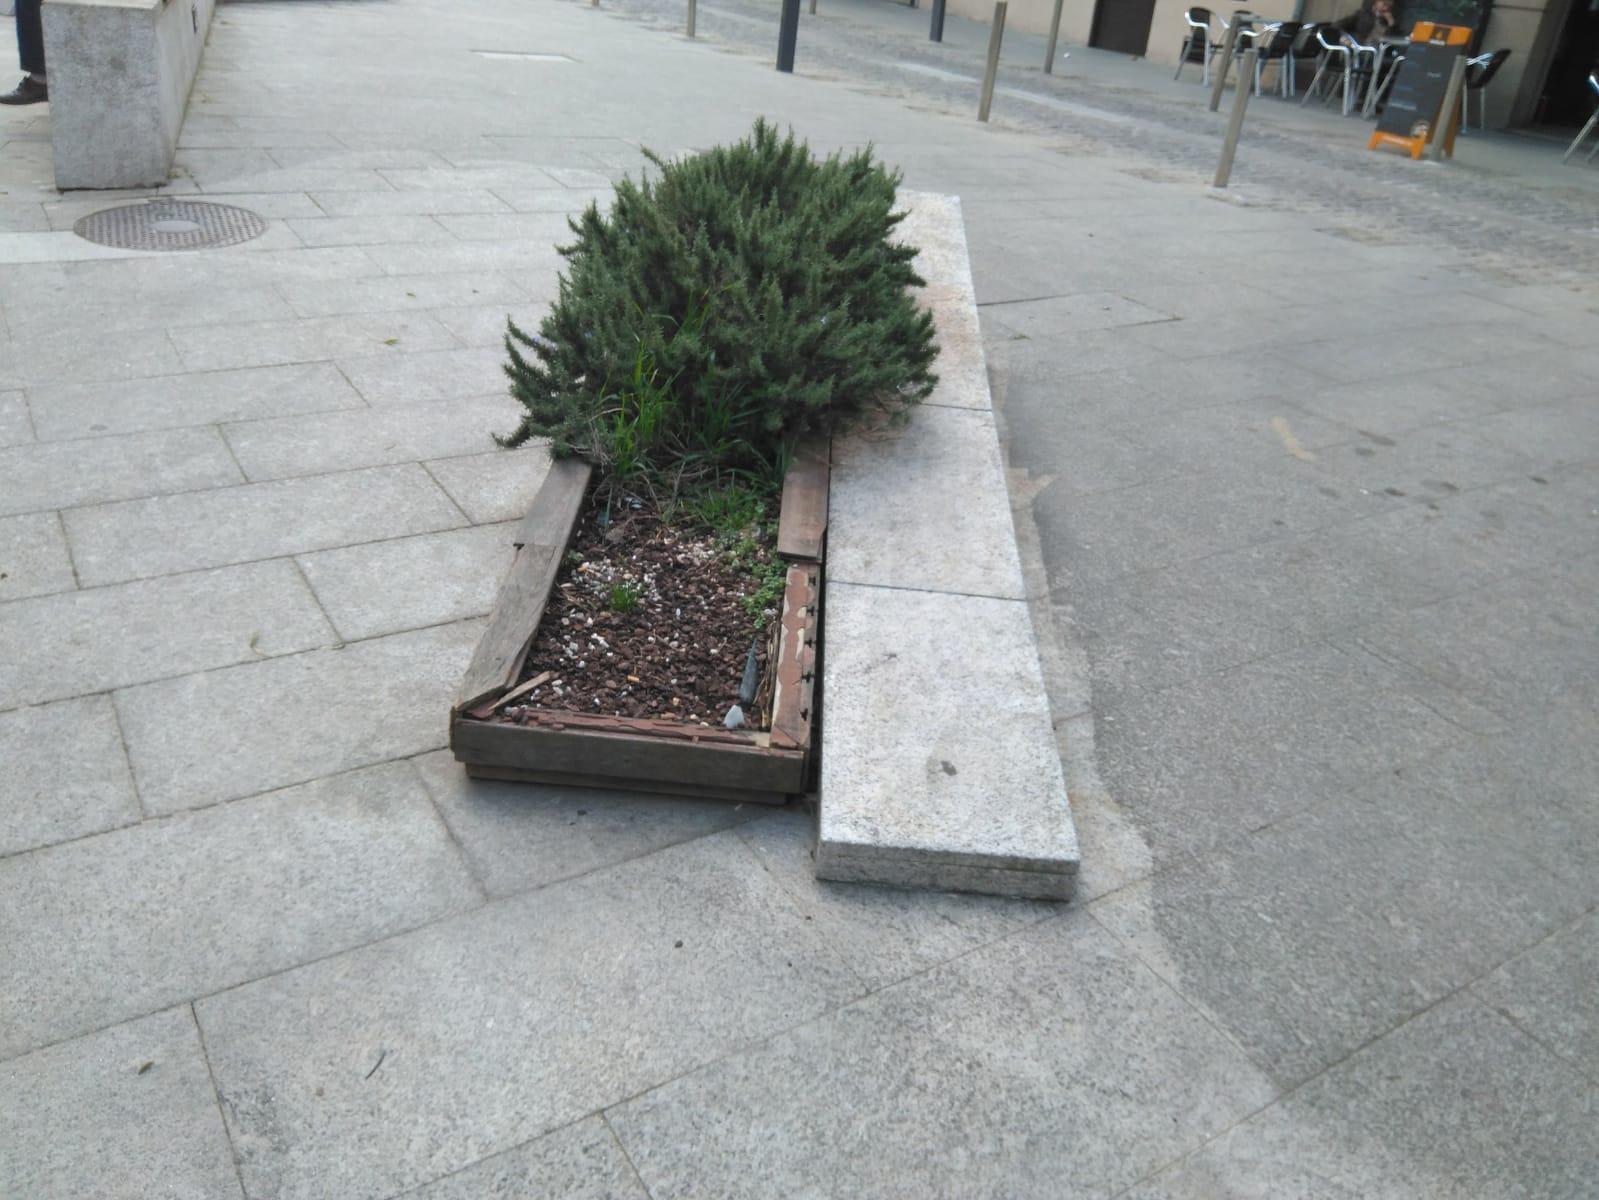 Primera propuesta: Plaza doutor Goyabes. Anexionado  al elemento de piedra, suplantando una parte de la jardinera